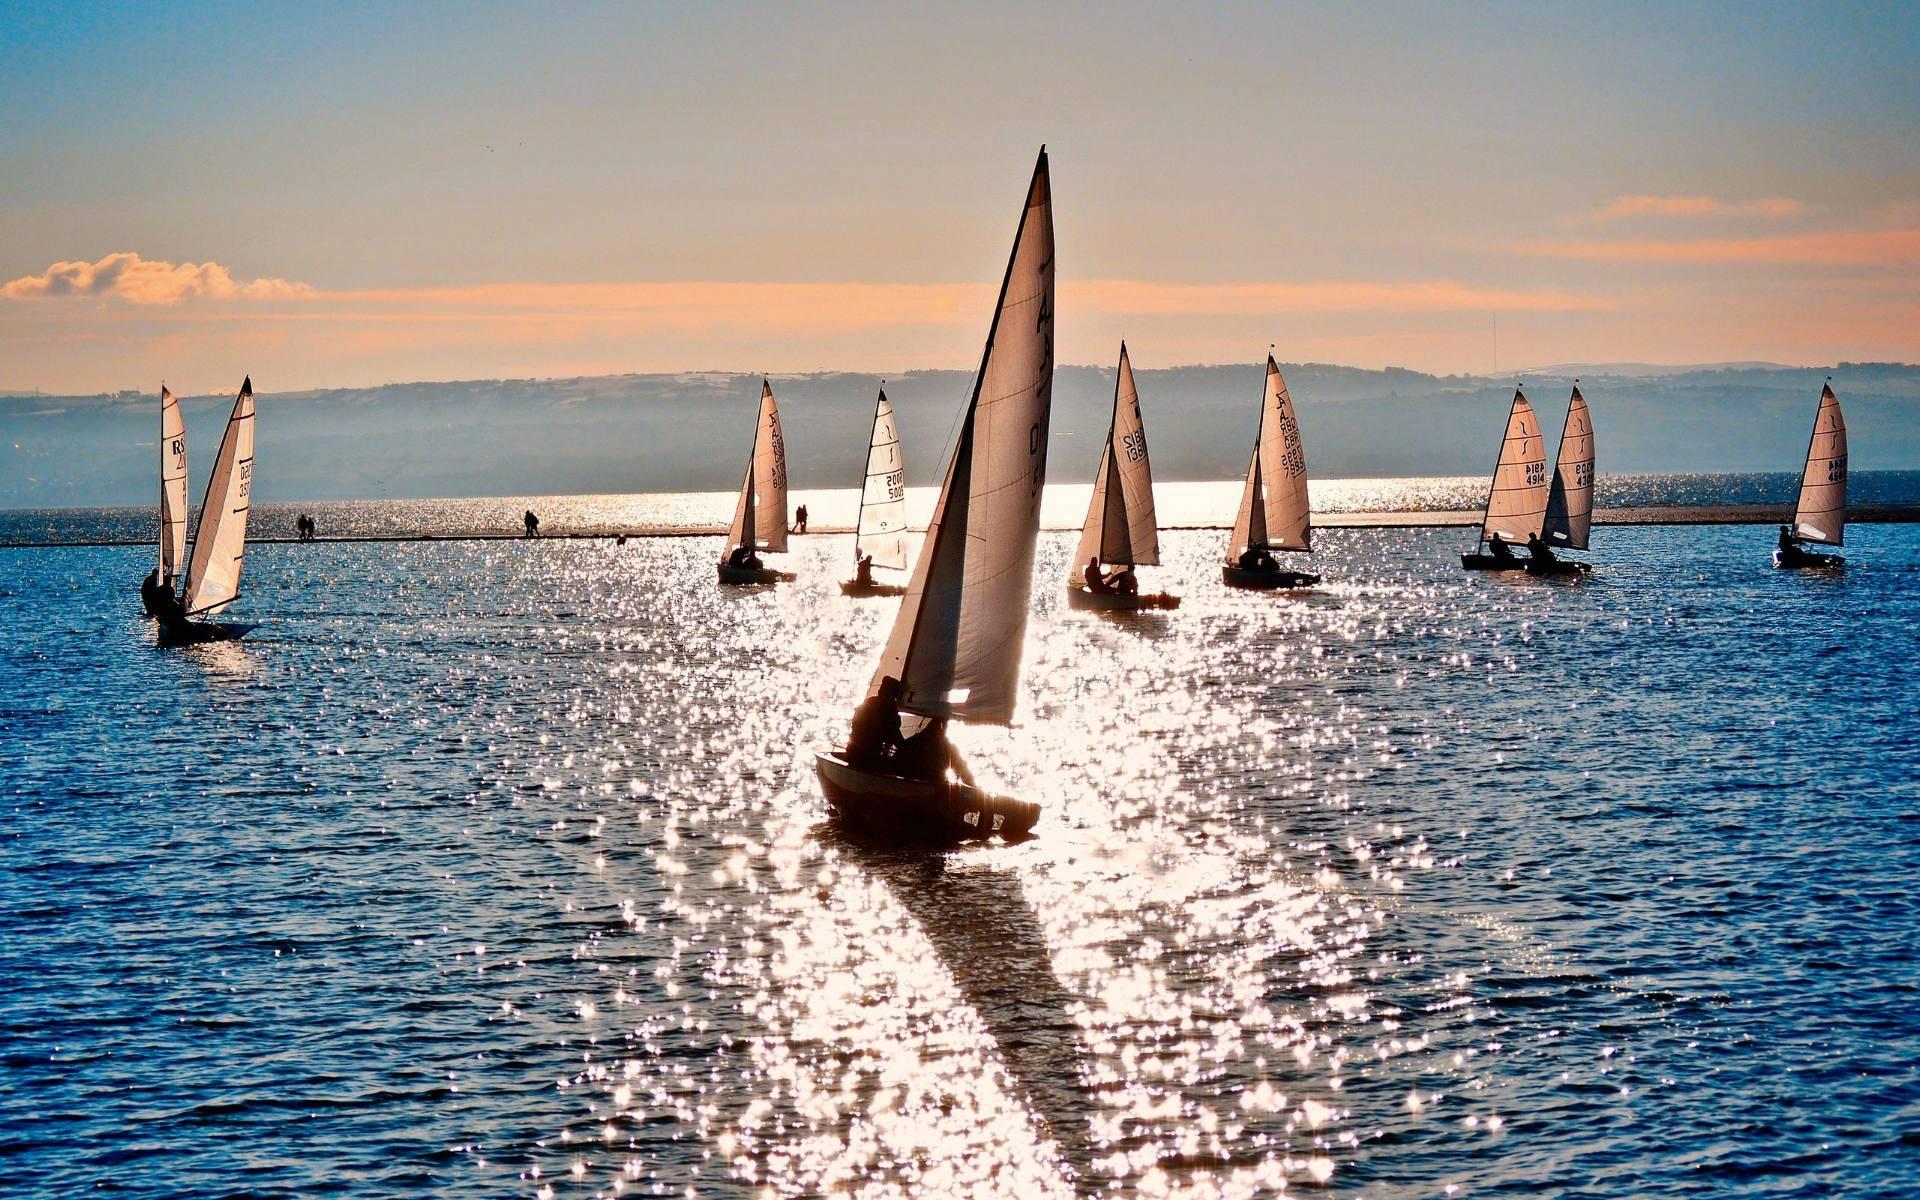 http://2.bp.blogspot.com/-8FMU4YY-LgU/T_f_c9B53FI/AAAAAAAAJ5U/n0oLEv17c2c/s1920/boats-in-sea-wallpaper.jpg